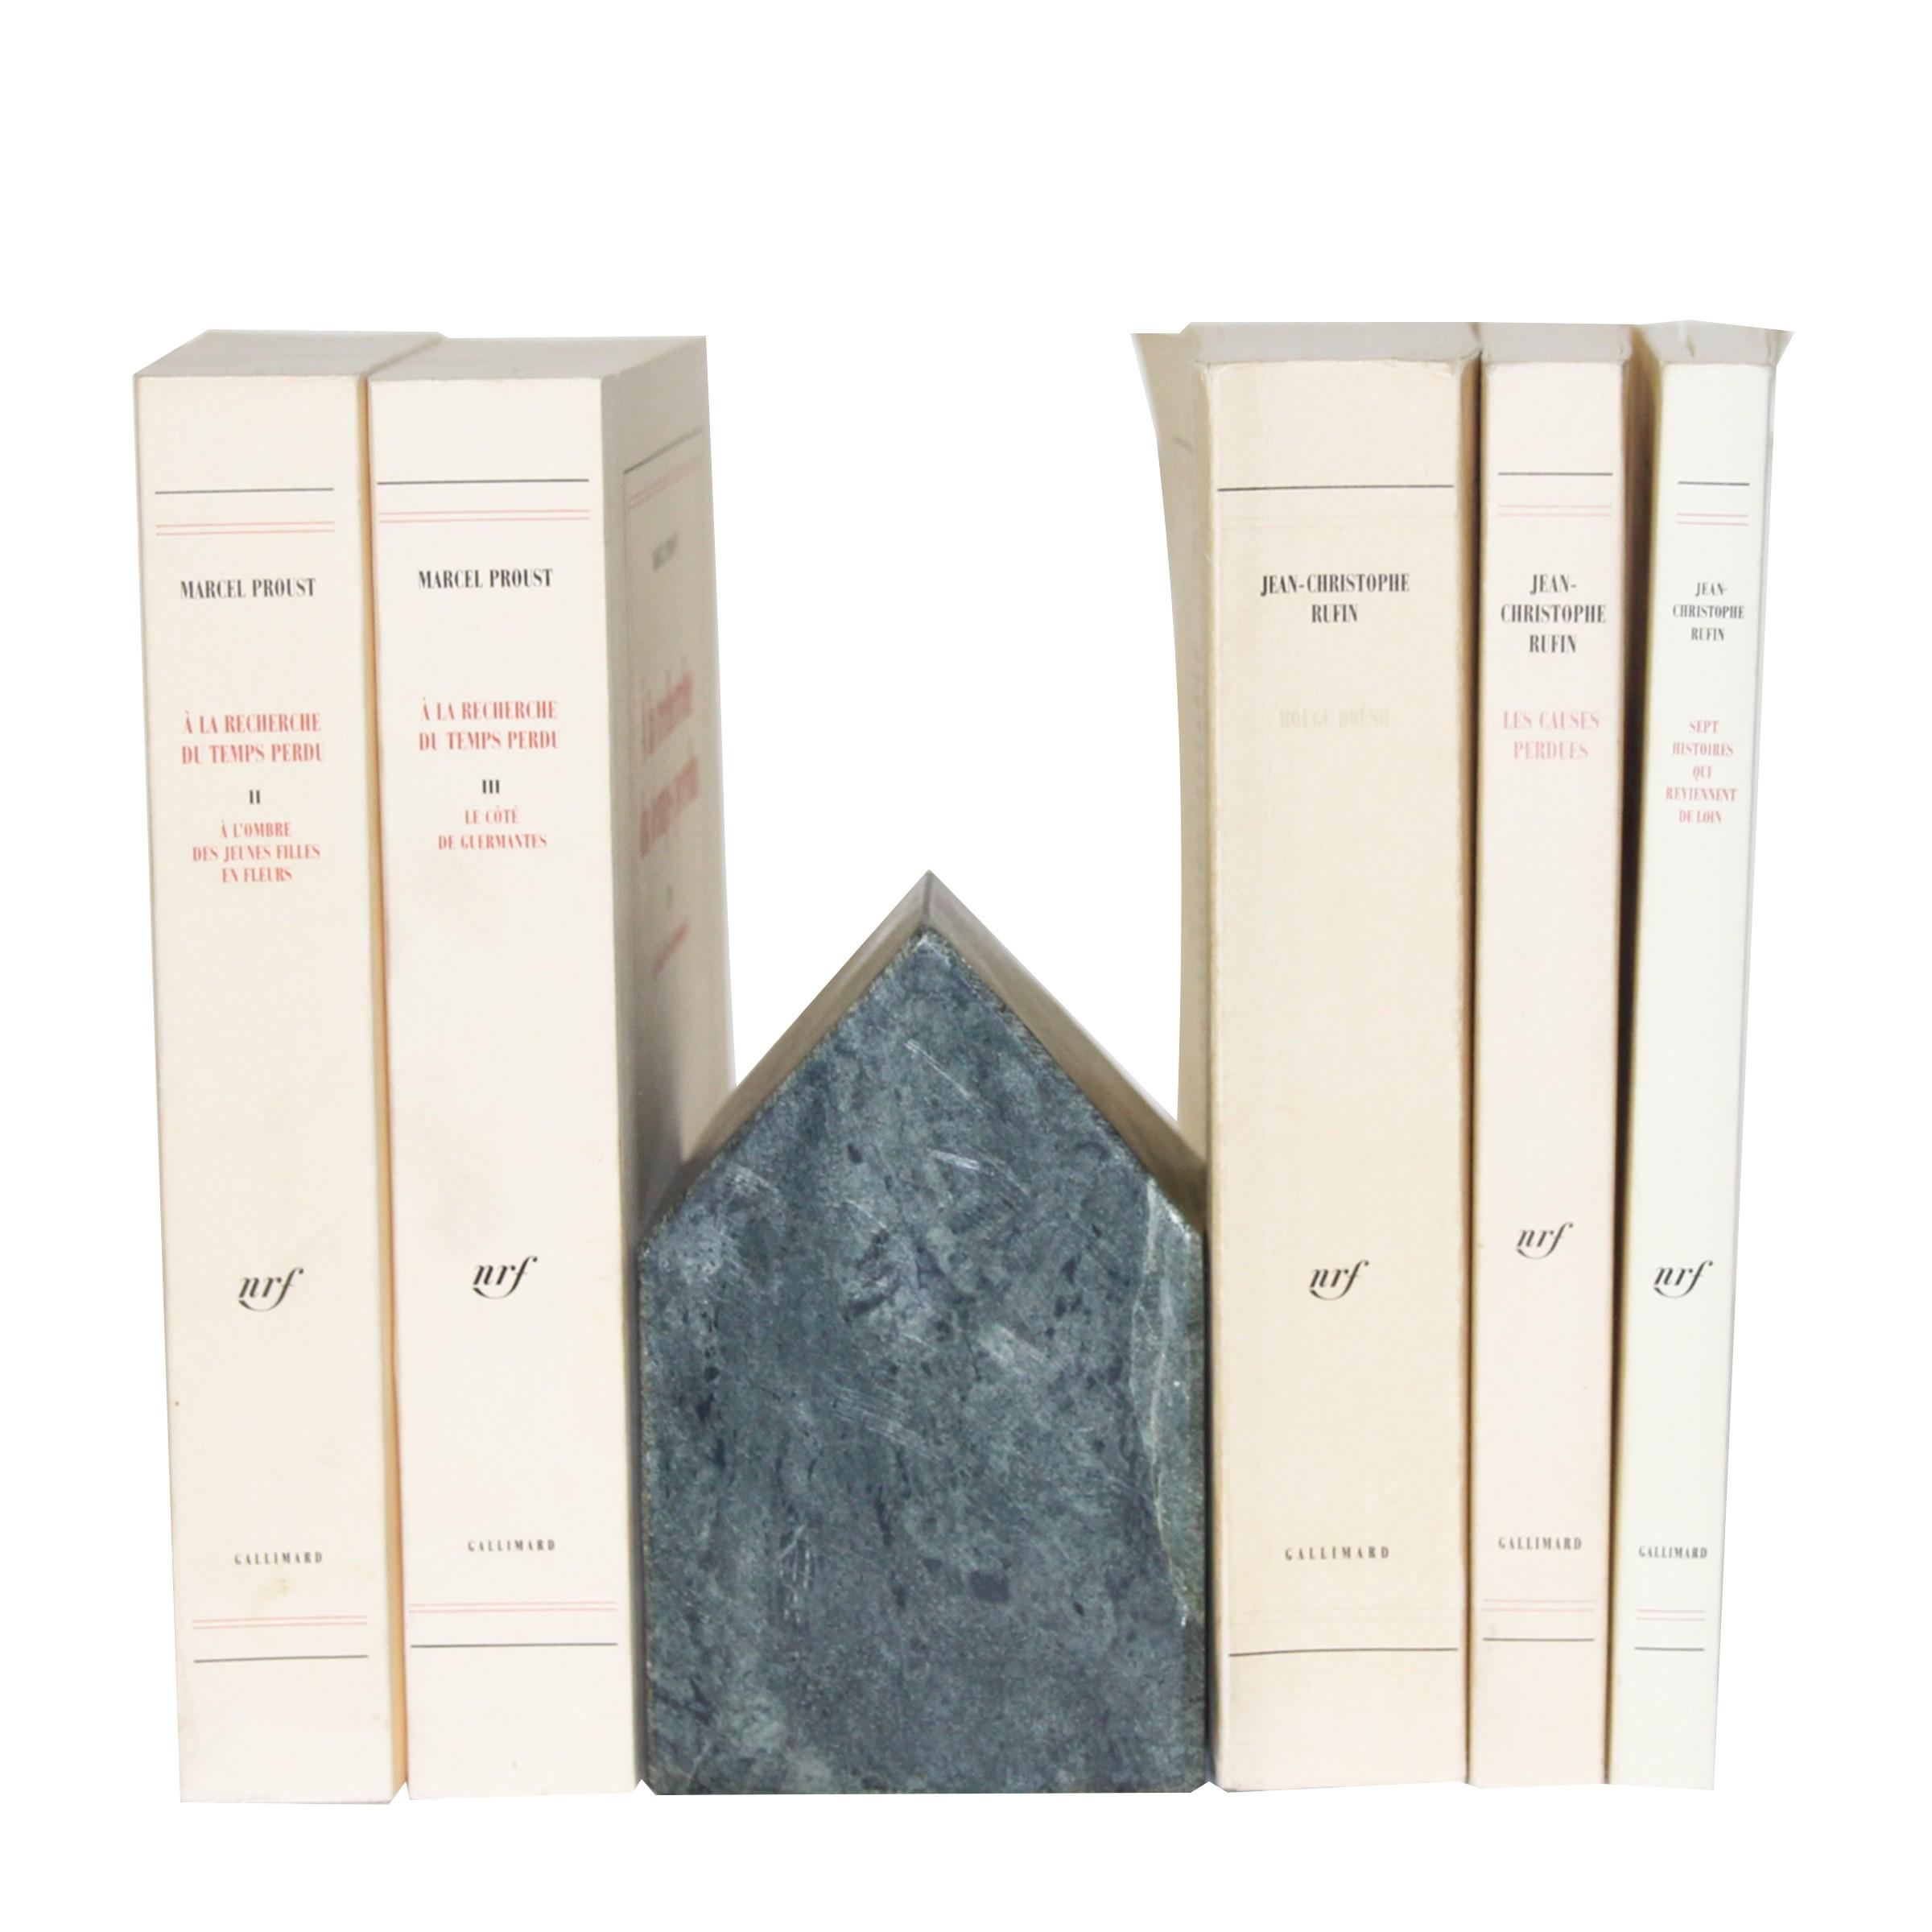 Serre-livres en marbre vert en forme de maison